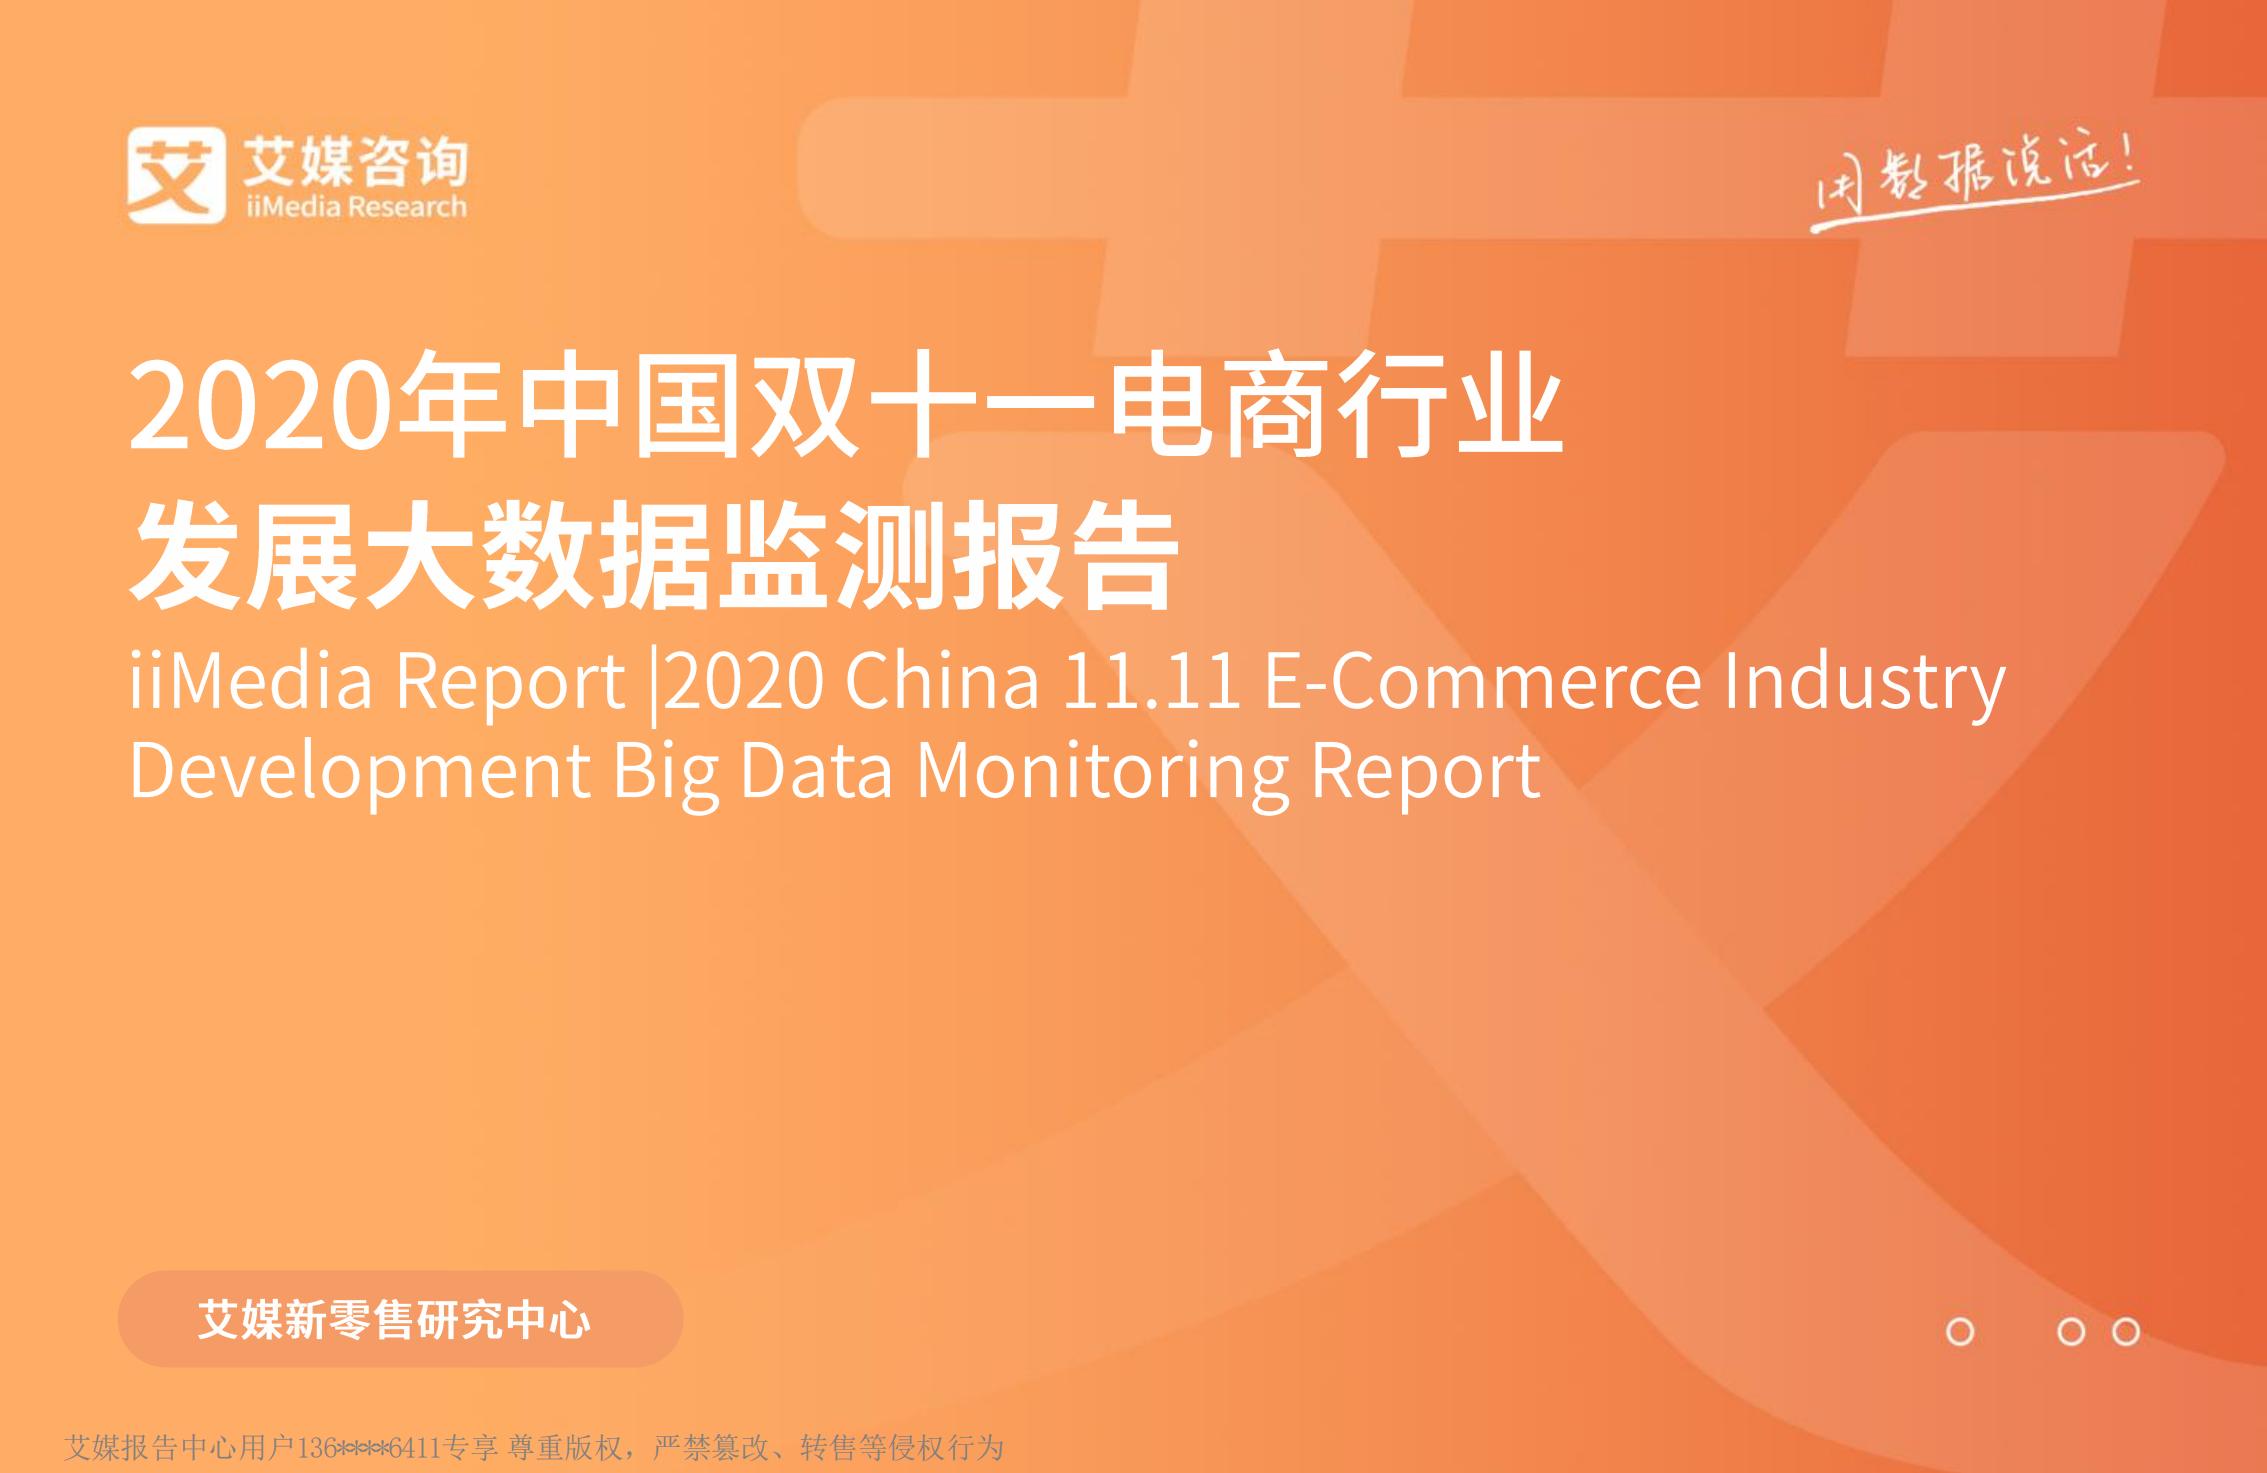 2020年中国双十一电商行业发展大数据监测报告(附下载)